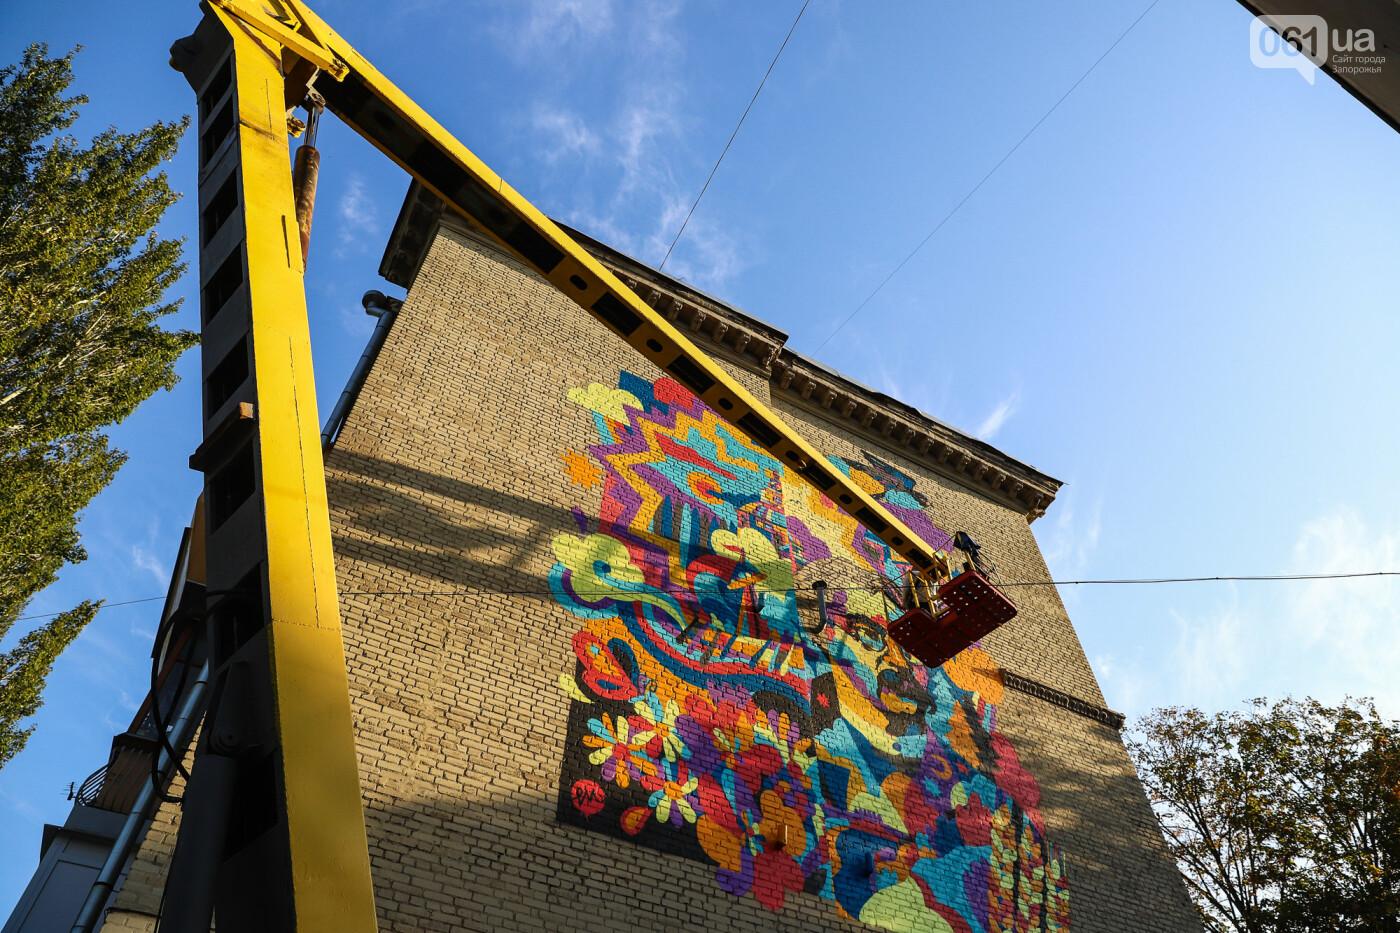 Художник из Нью-Йорка нарисовал мурал к 250-летию Запорожья - ФОТОРЕПОРТАЖ , фото-23